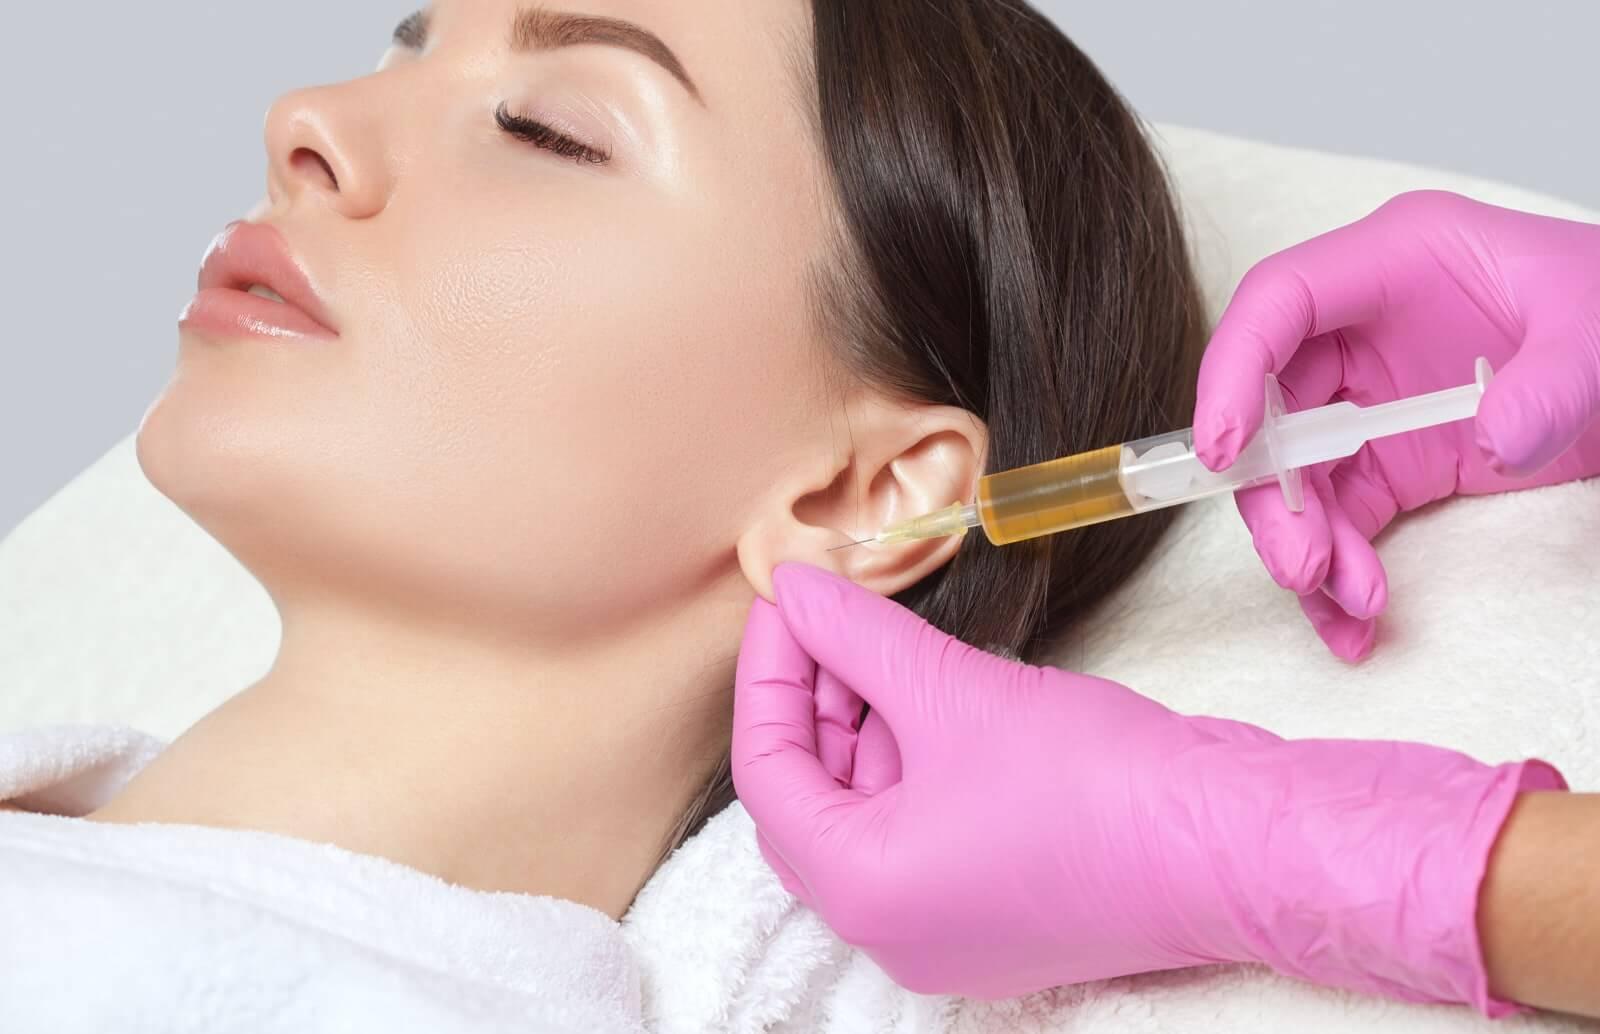 tratar el lóbulo de la oreja flácido